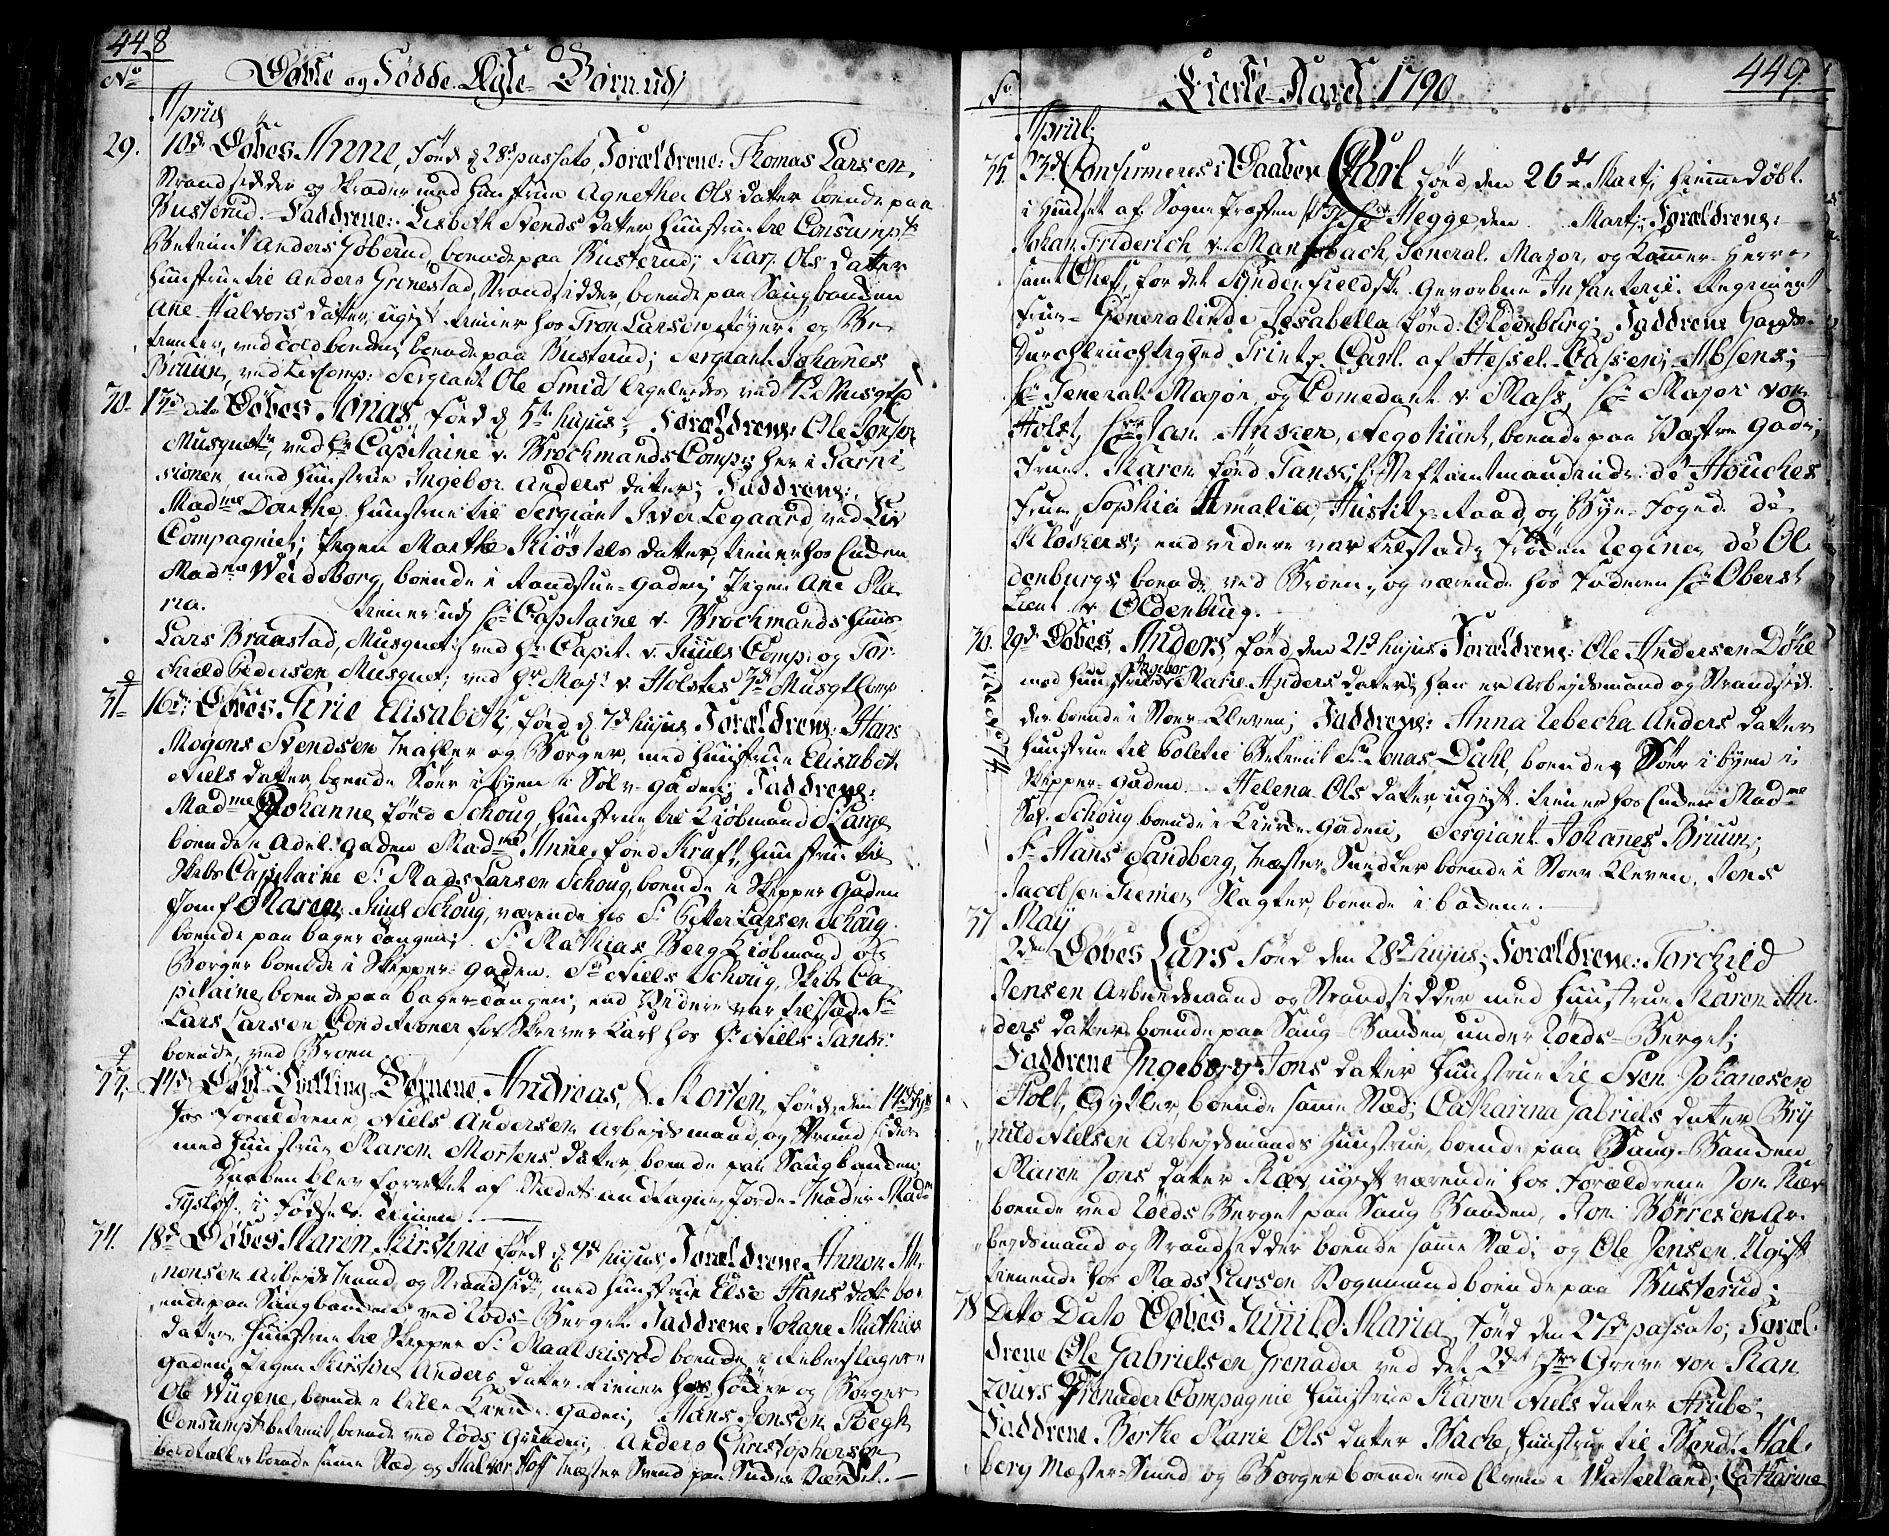 SAO, Halden prestekontor Kirkebøker, F/Fa/L0001: Ministerialbok nr. I 1, 1758-1791, s. 448-449